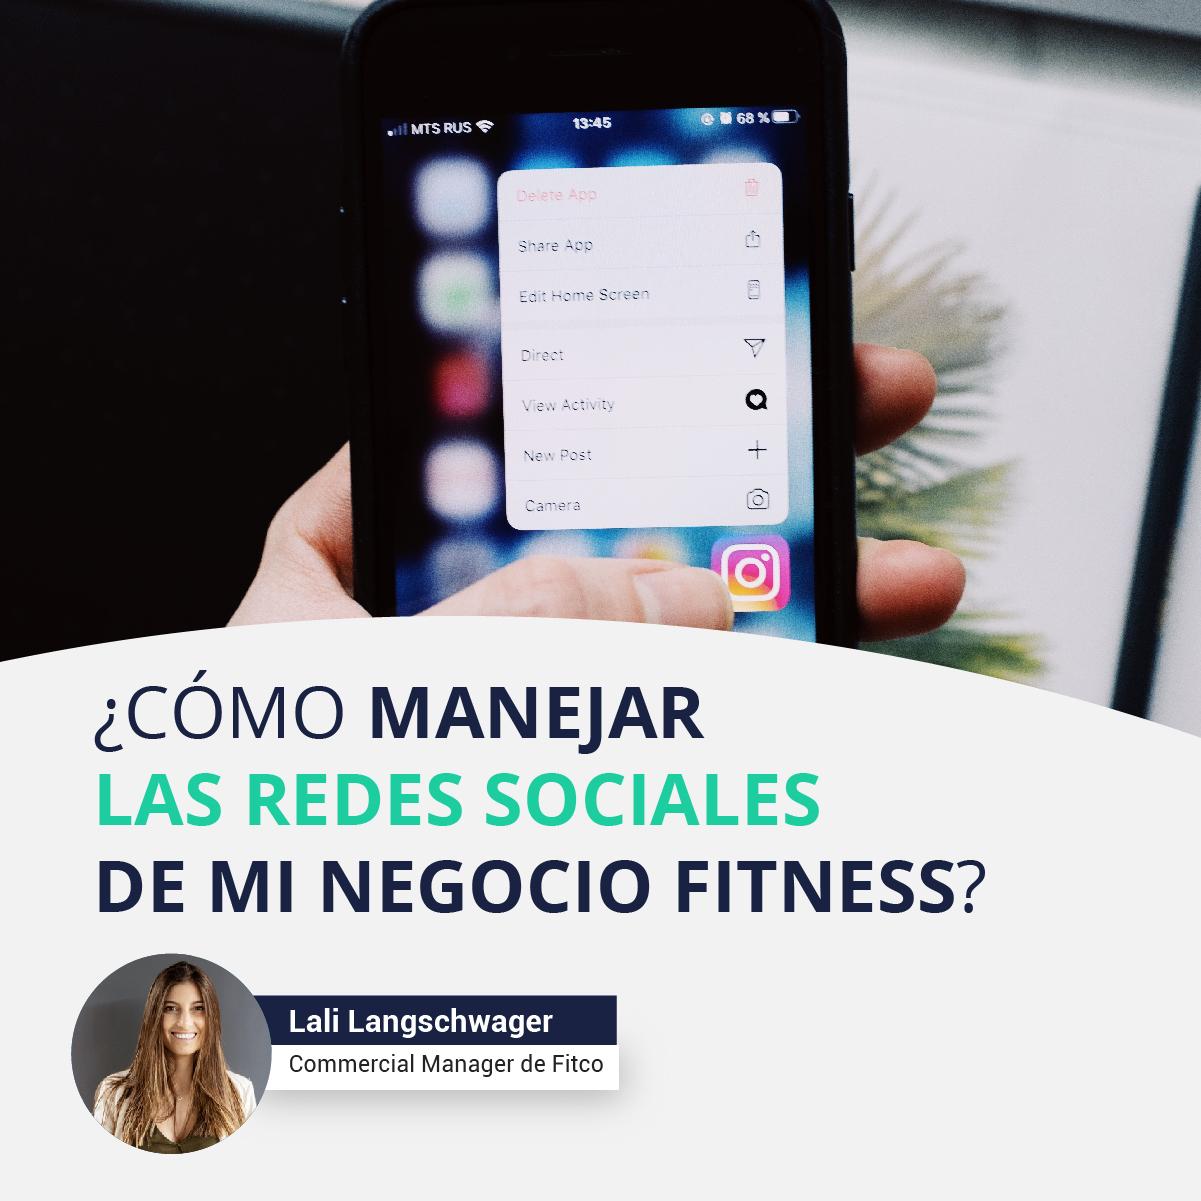 ¿Cómo manejar las redes sociales de mi centro fitness?